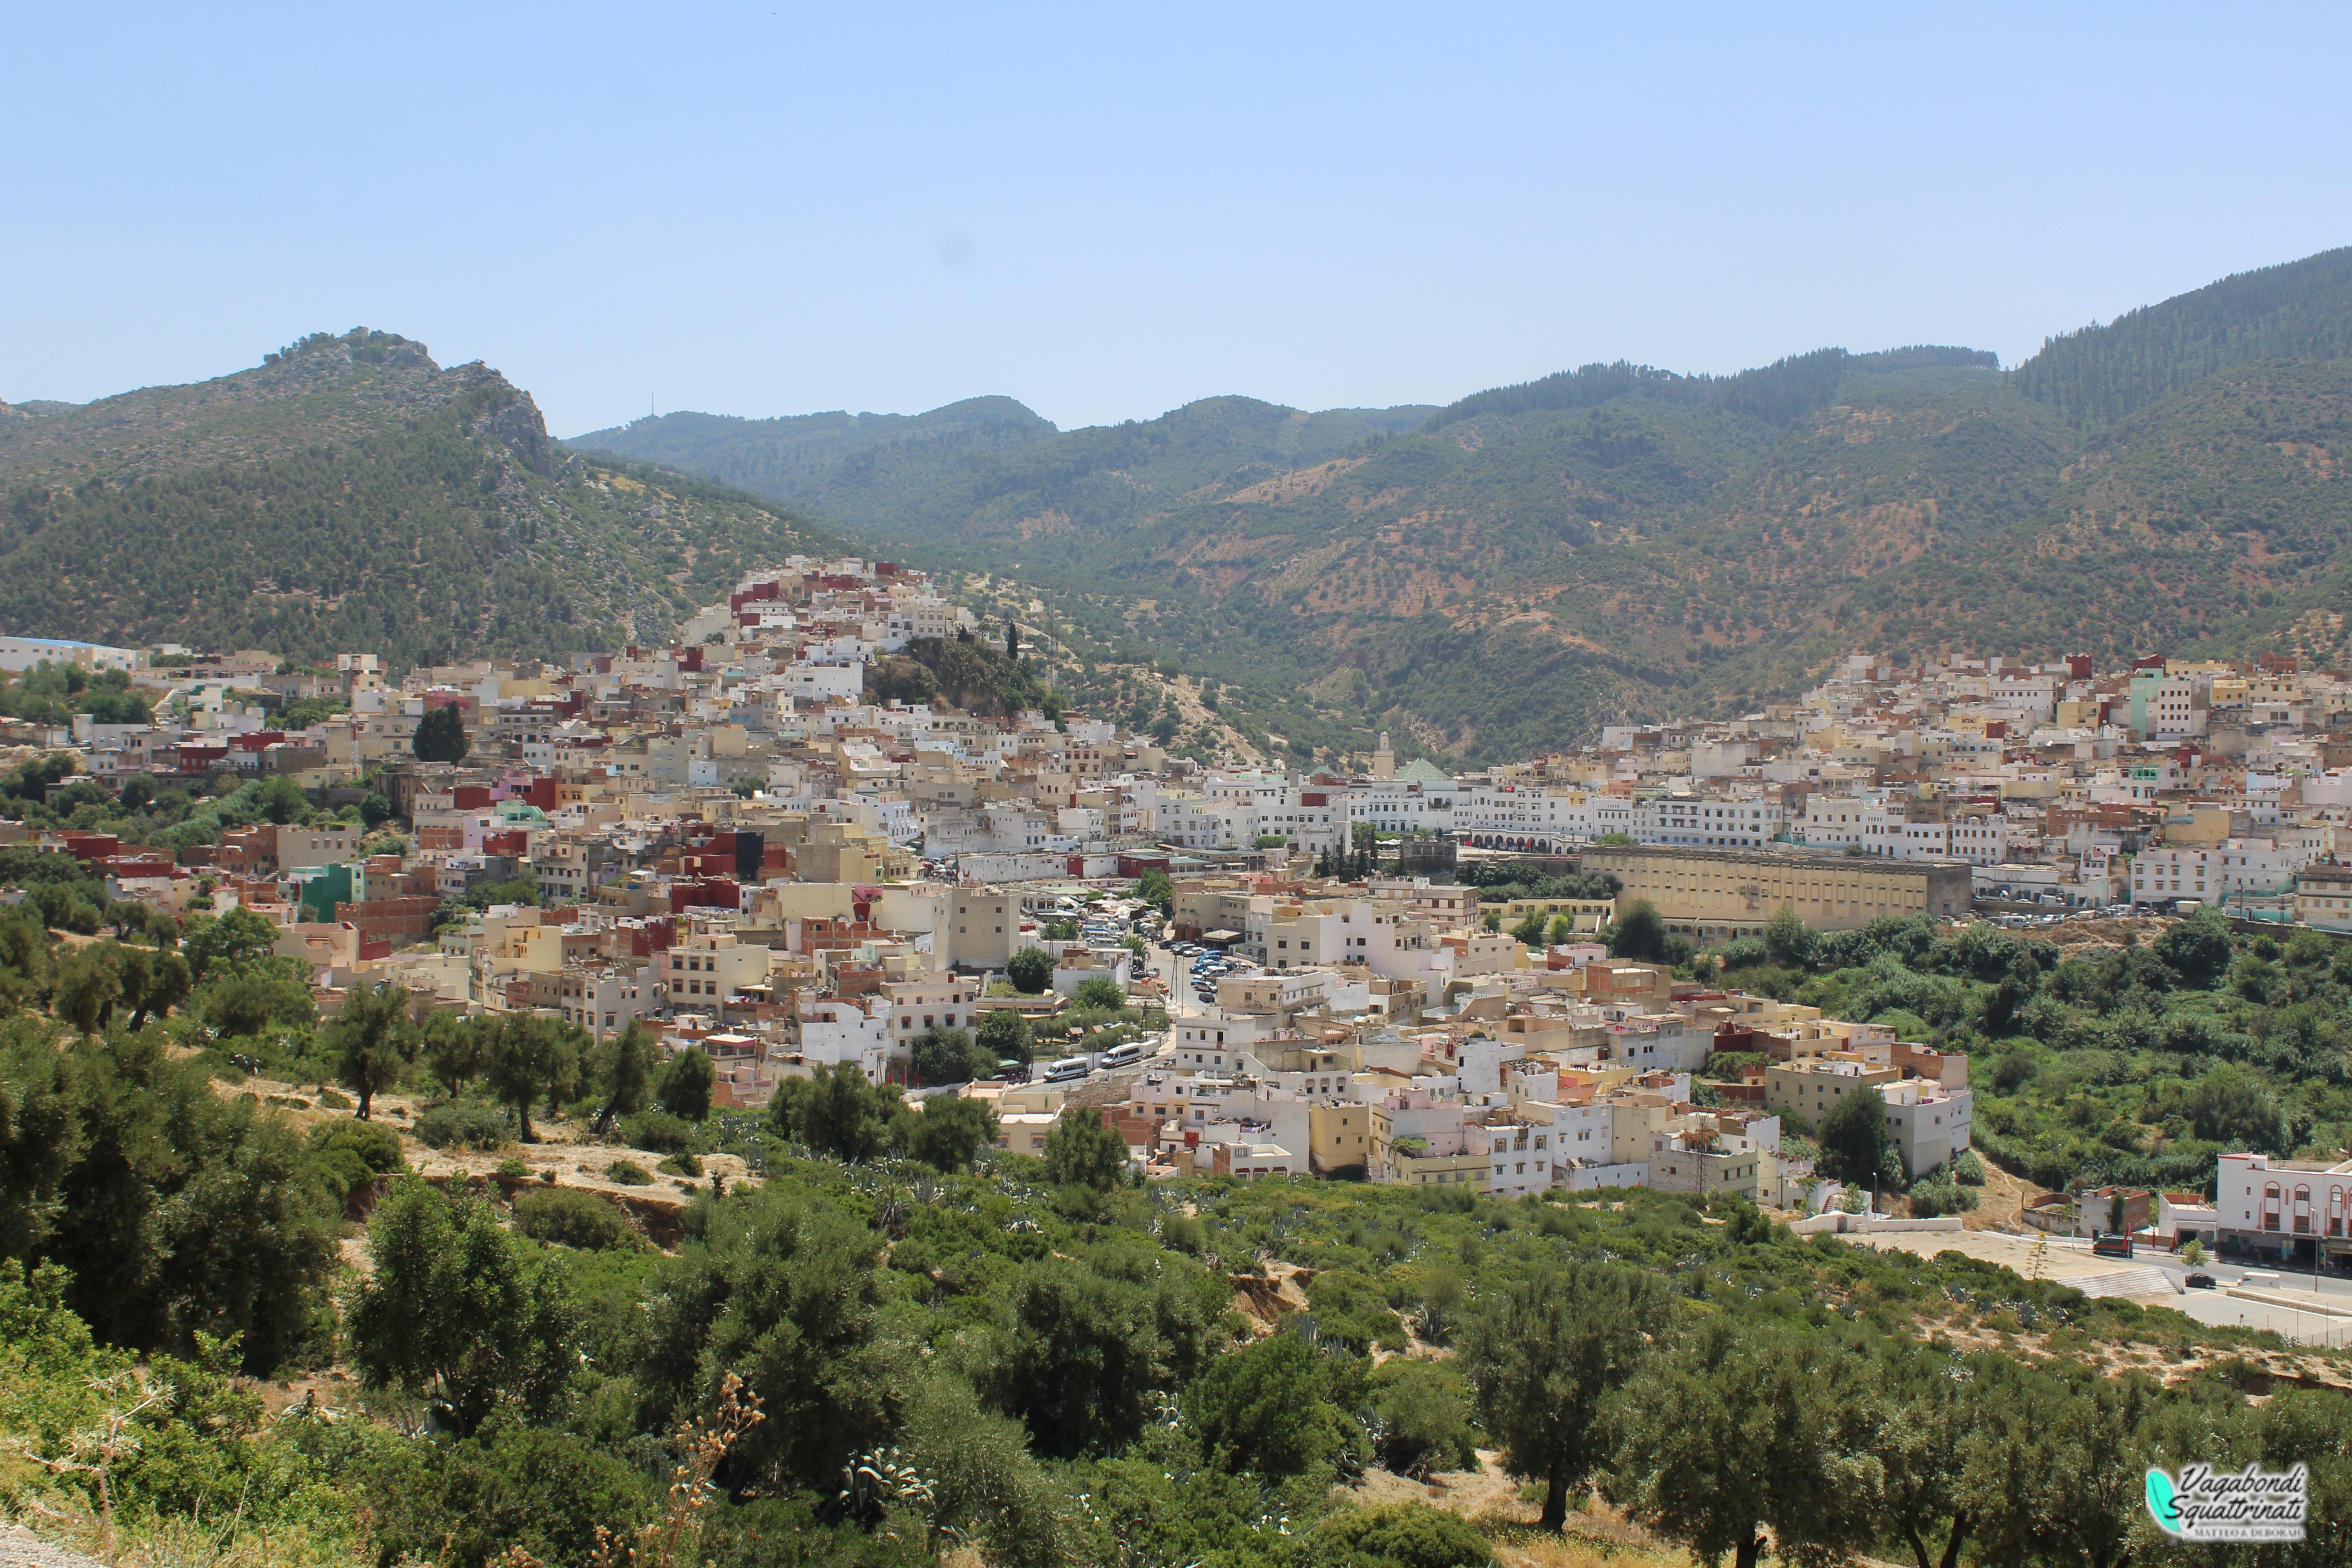 Vista di Moulay Idriss, la città santa del Marocco